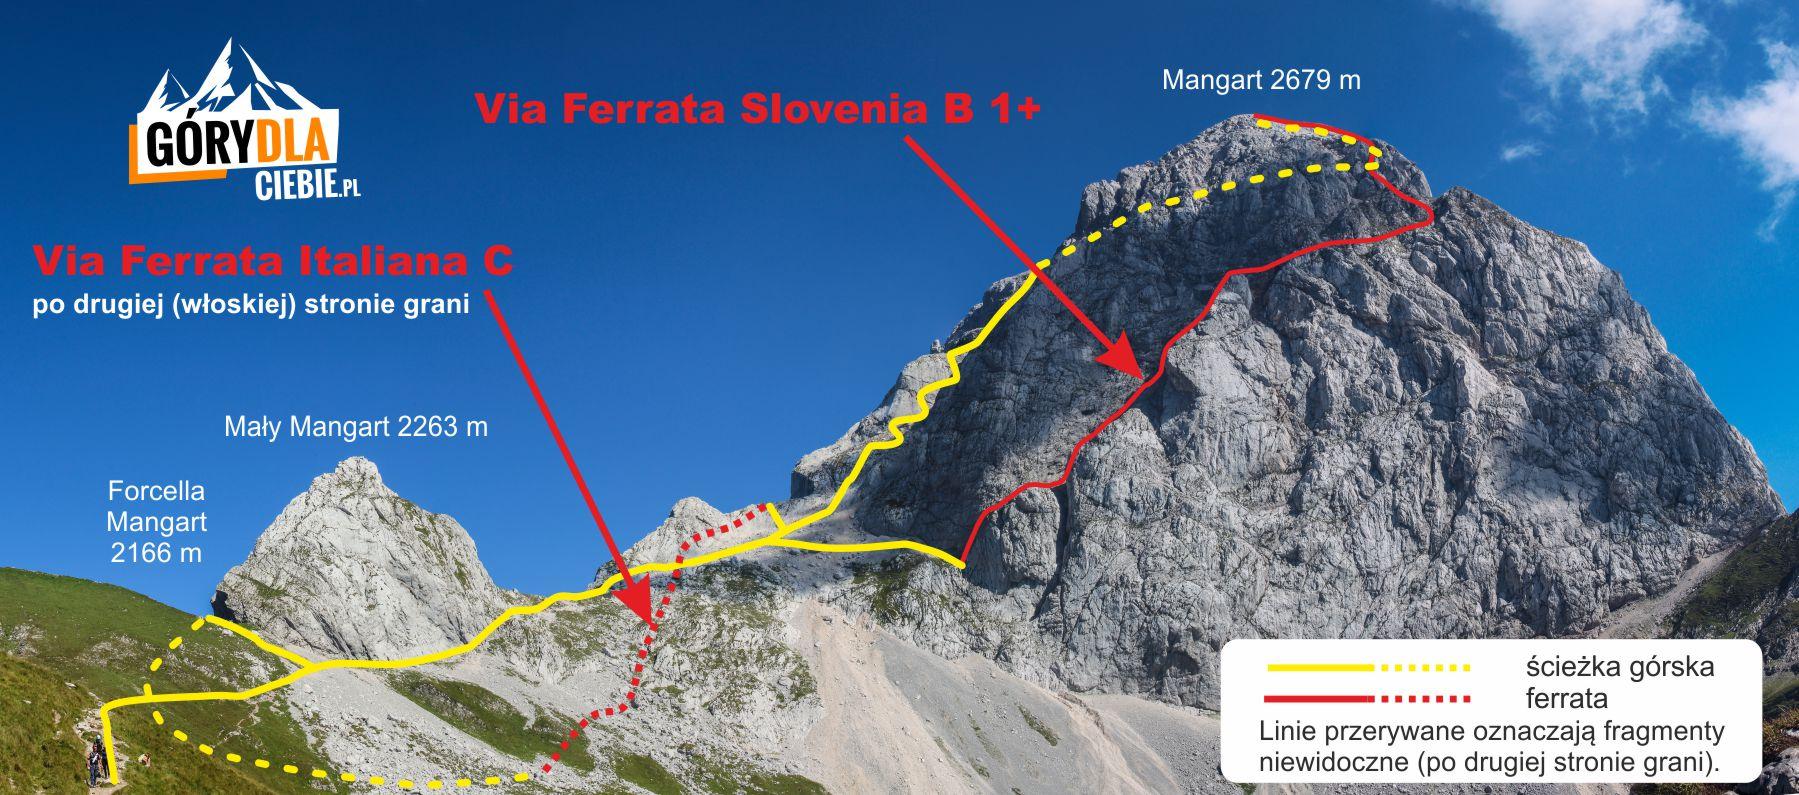 Ferraty na Mangrat (2679 m)